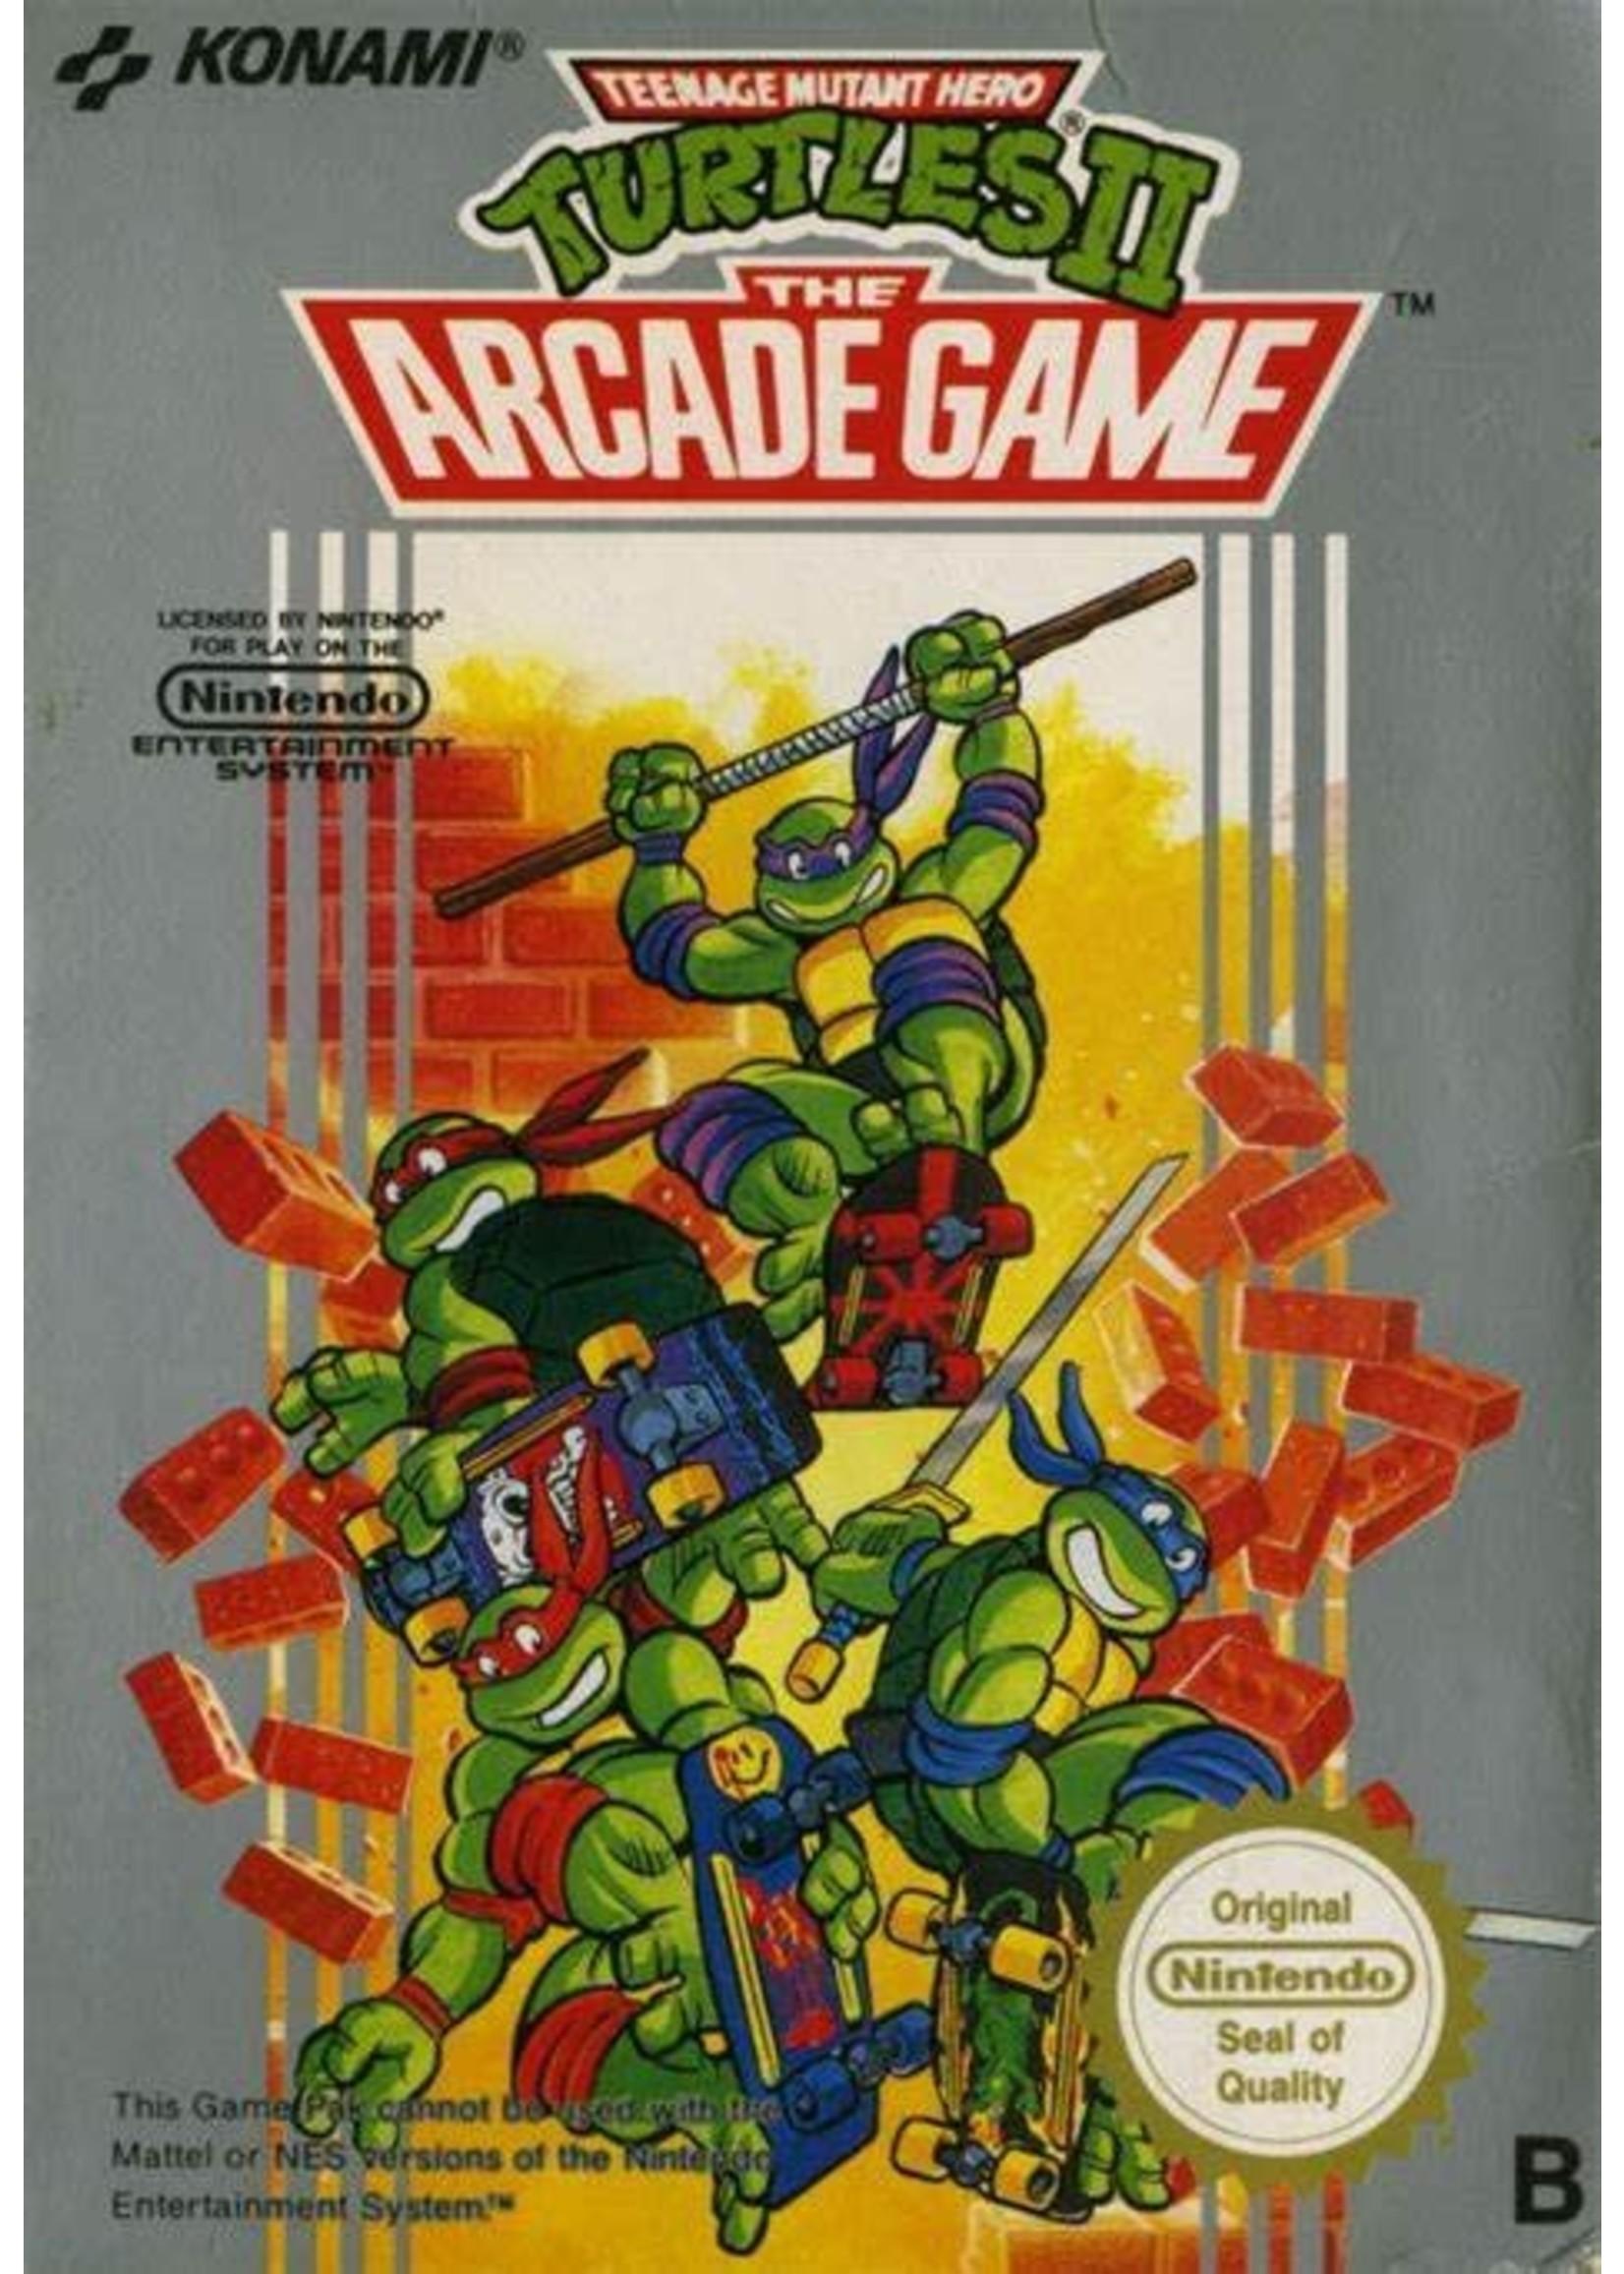 Teenage Mutant Ninja Turtles 2: The Arcade Game [NES]